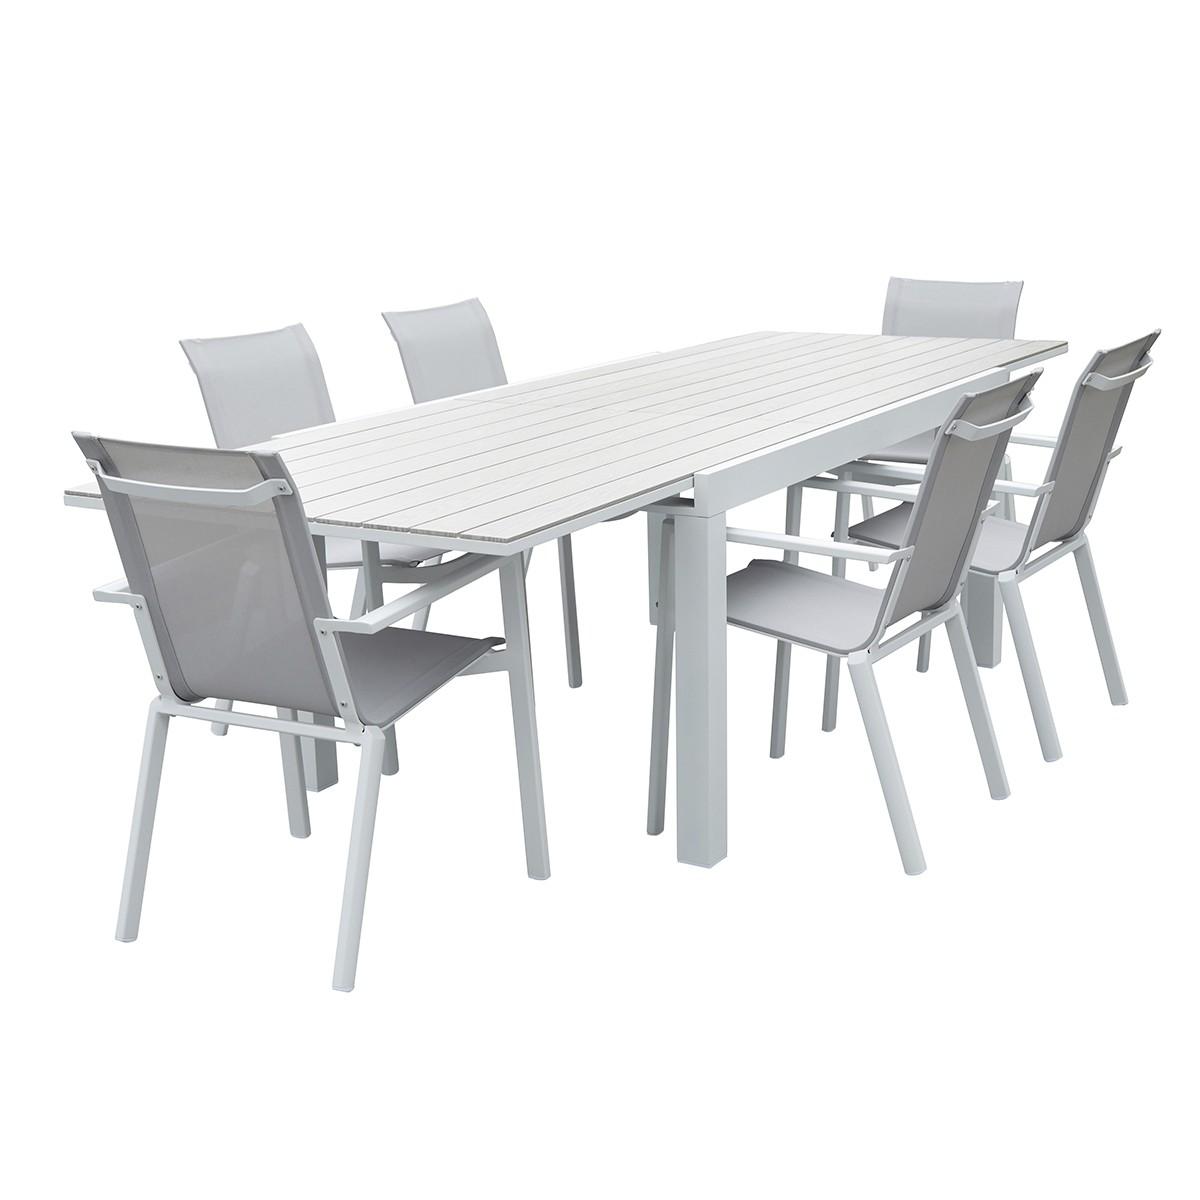 Salon de jardin aluminium blanc et textilène gris 6/10 places